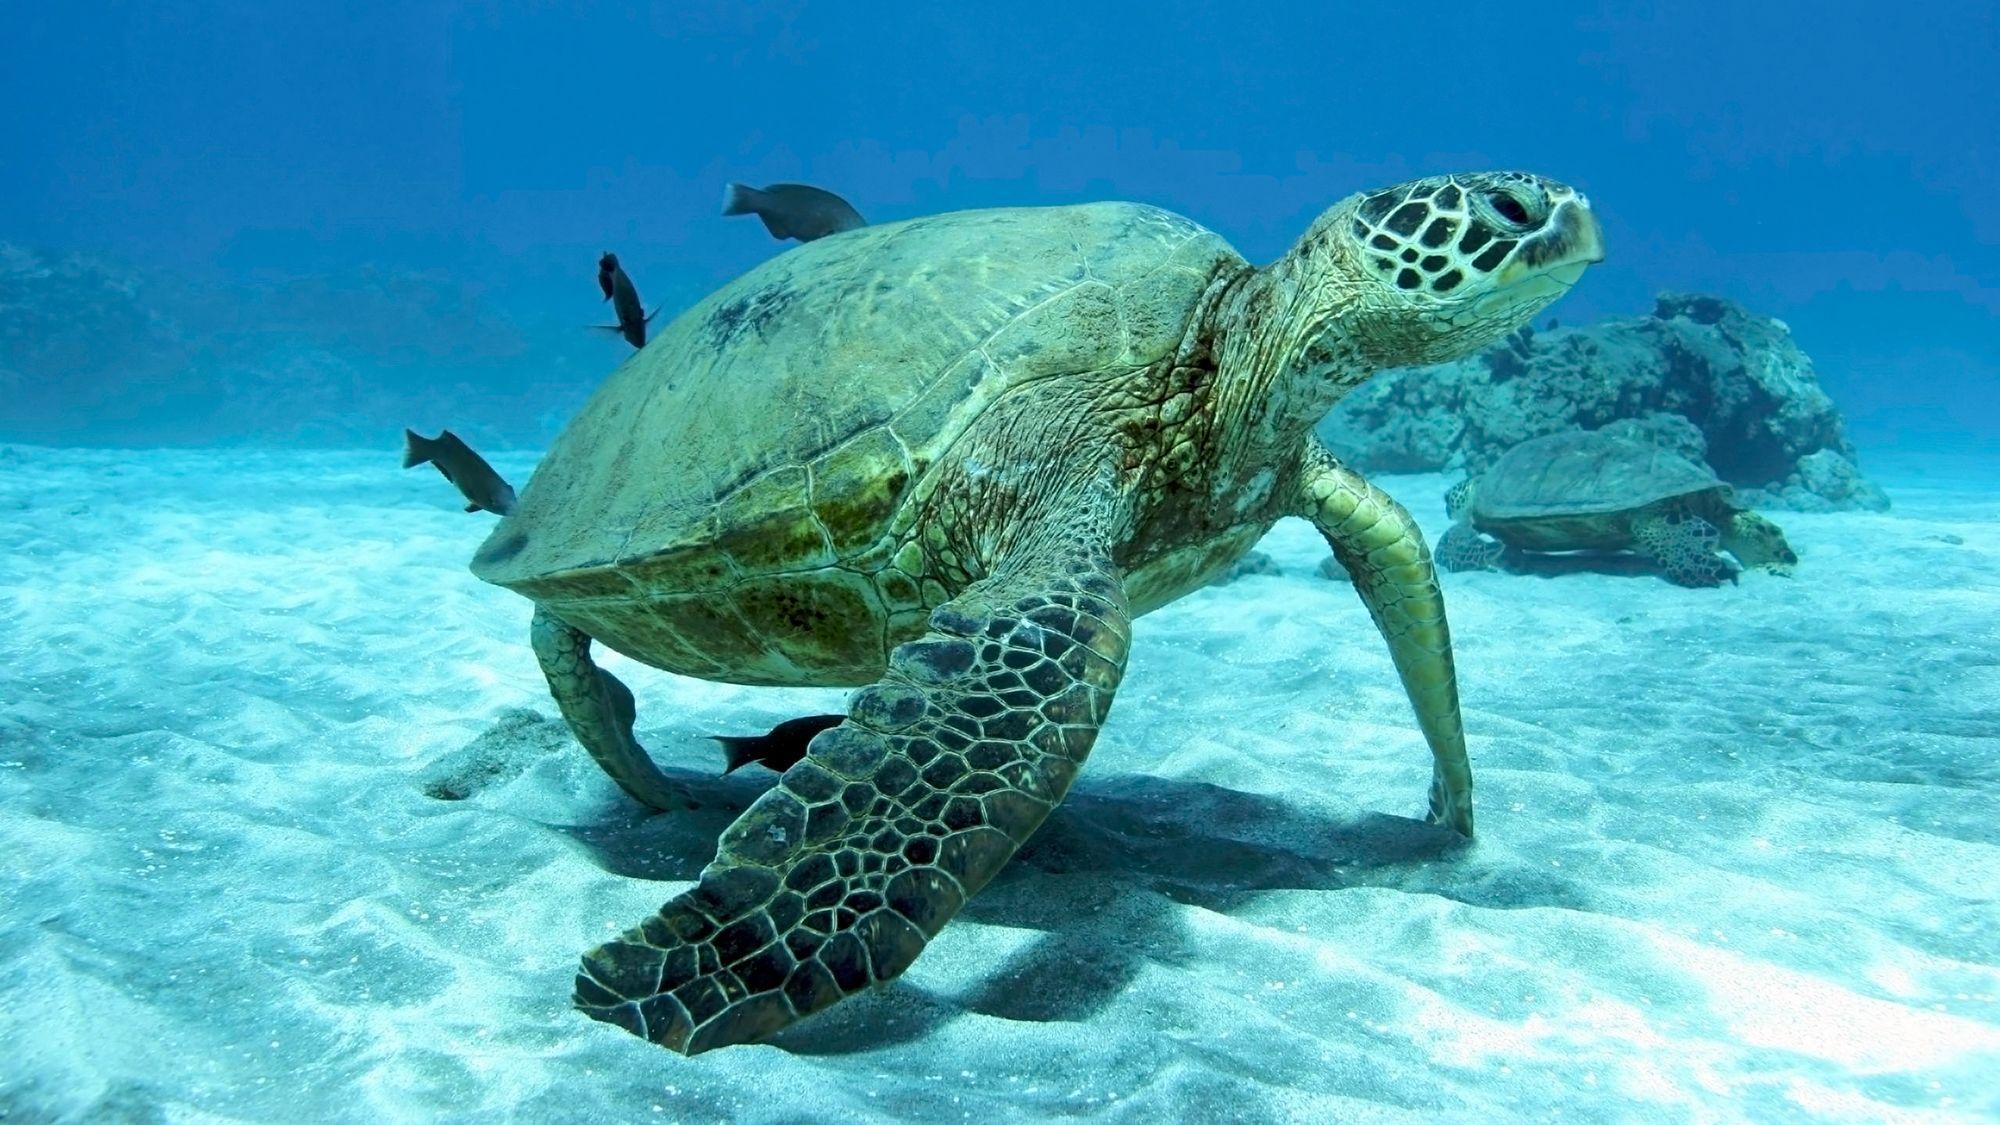 En Peligro De Extinción: Animales Del Océano En Peligro De Extinción